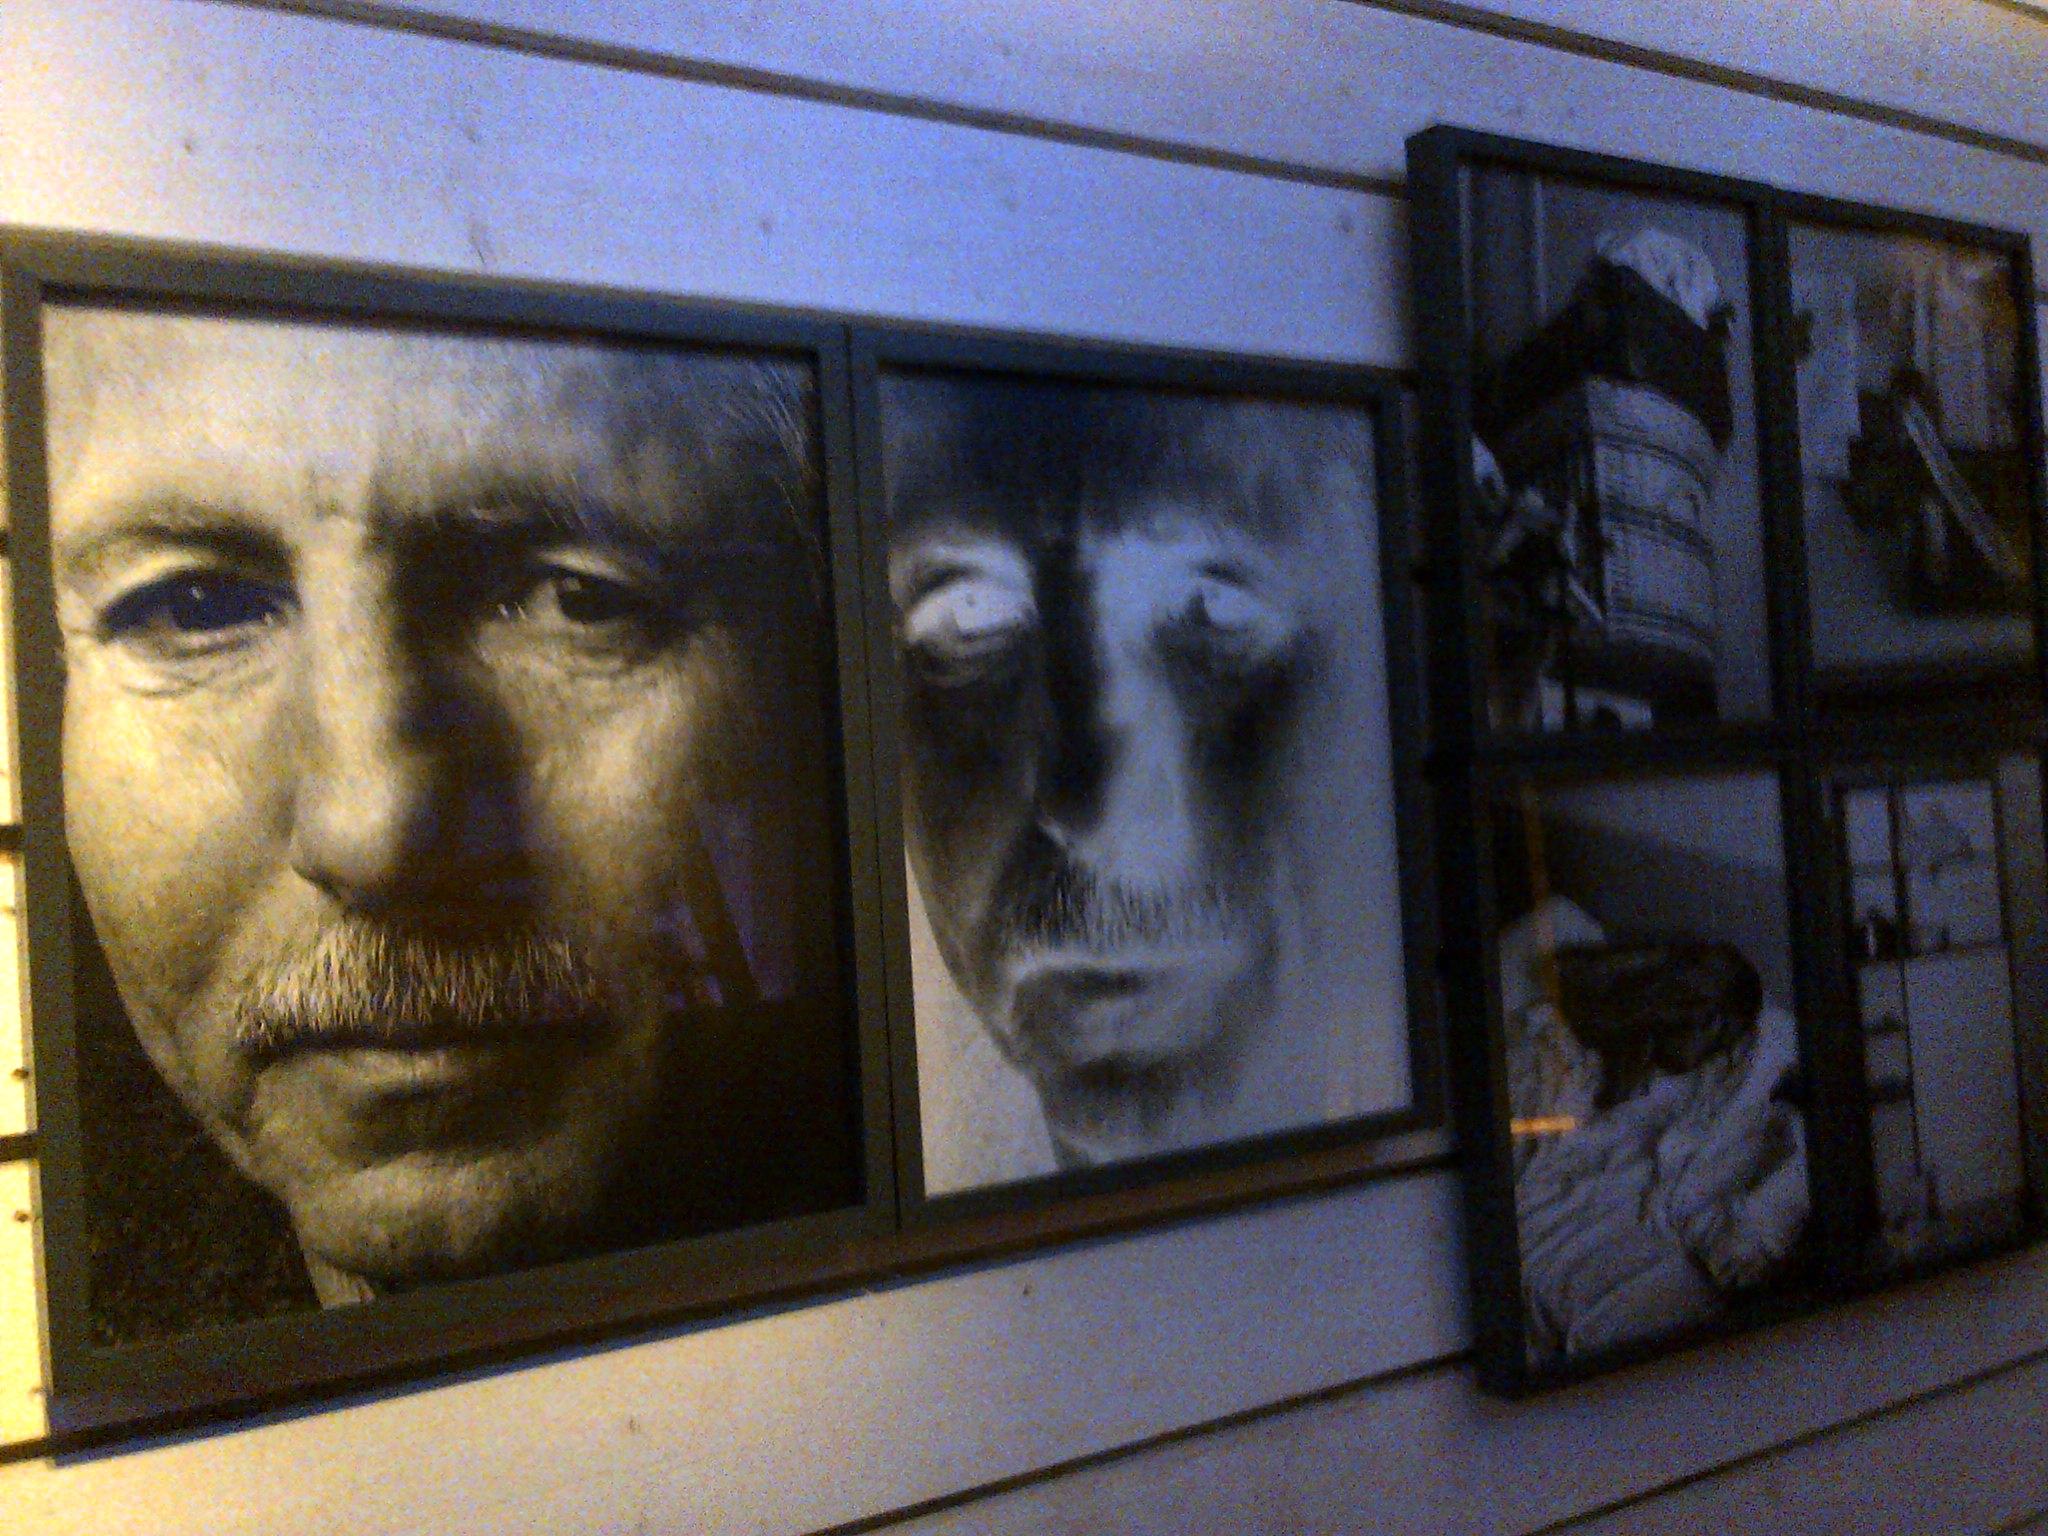 Musée de l'immigration, crédit photo Andrea Delaplace